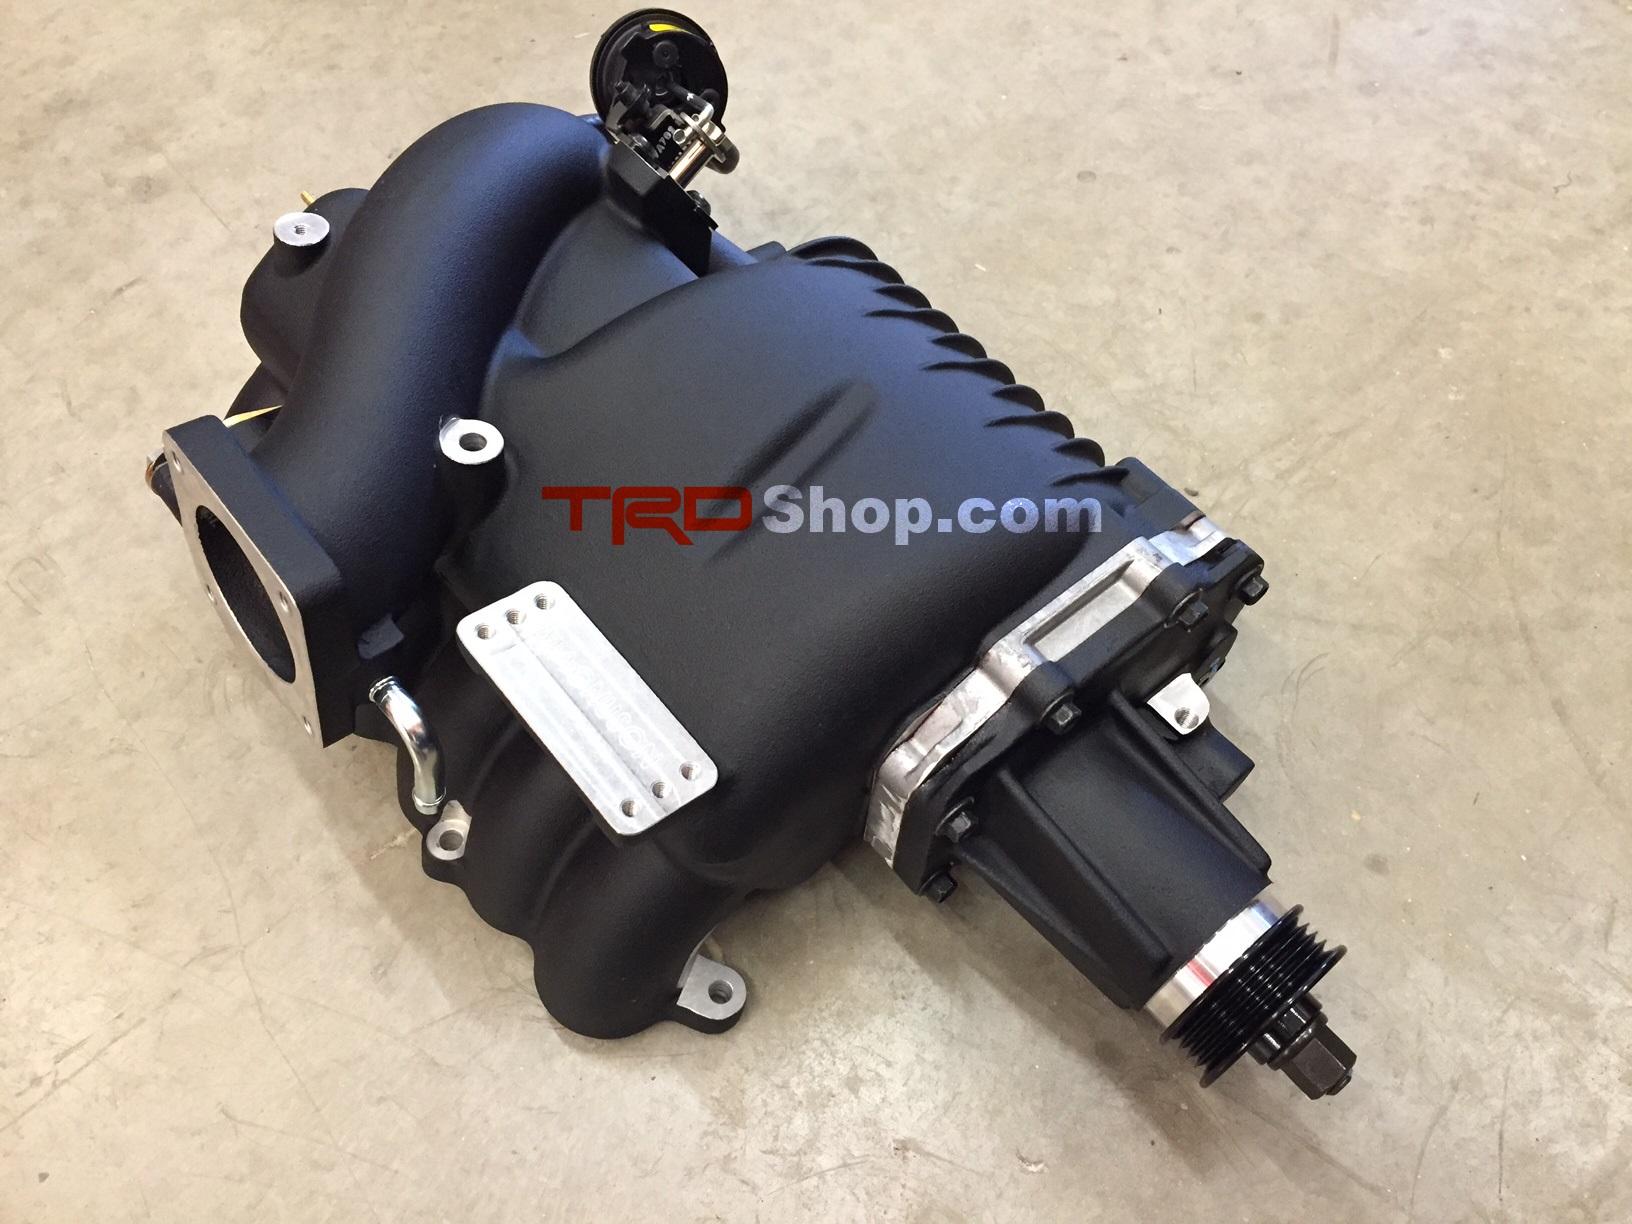 Magnuson Supercharger For 3 4l Toyota Tacoma 4runner Trdshop Com